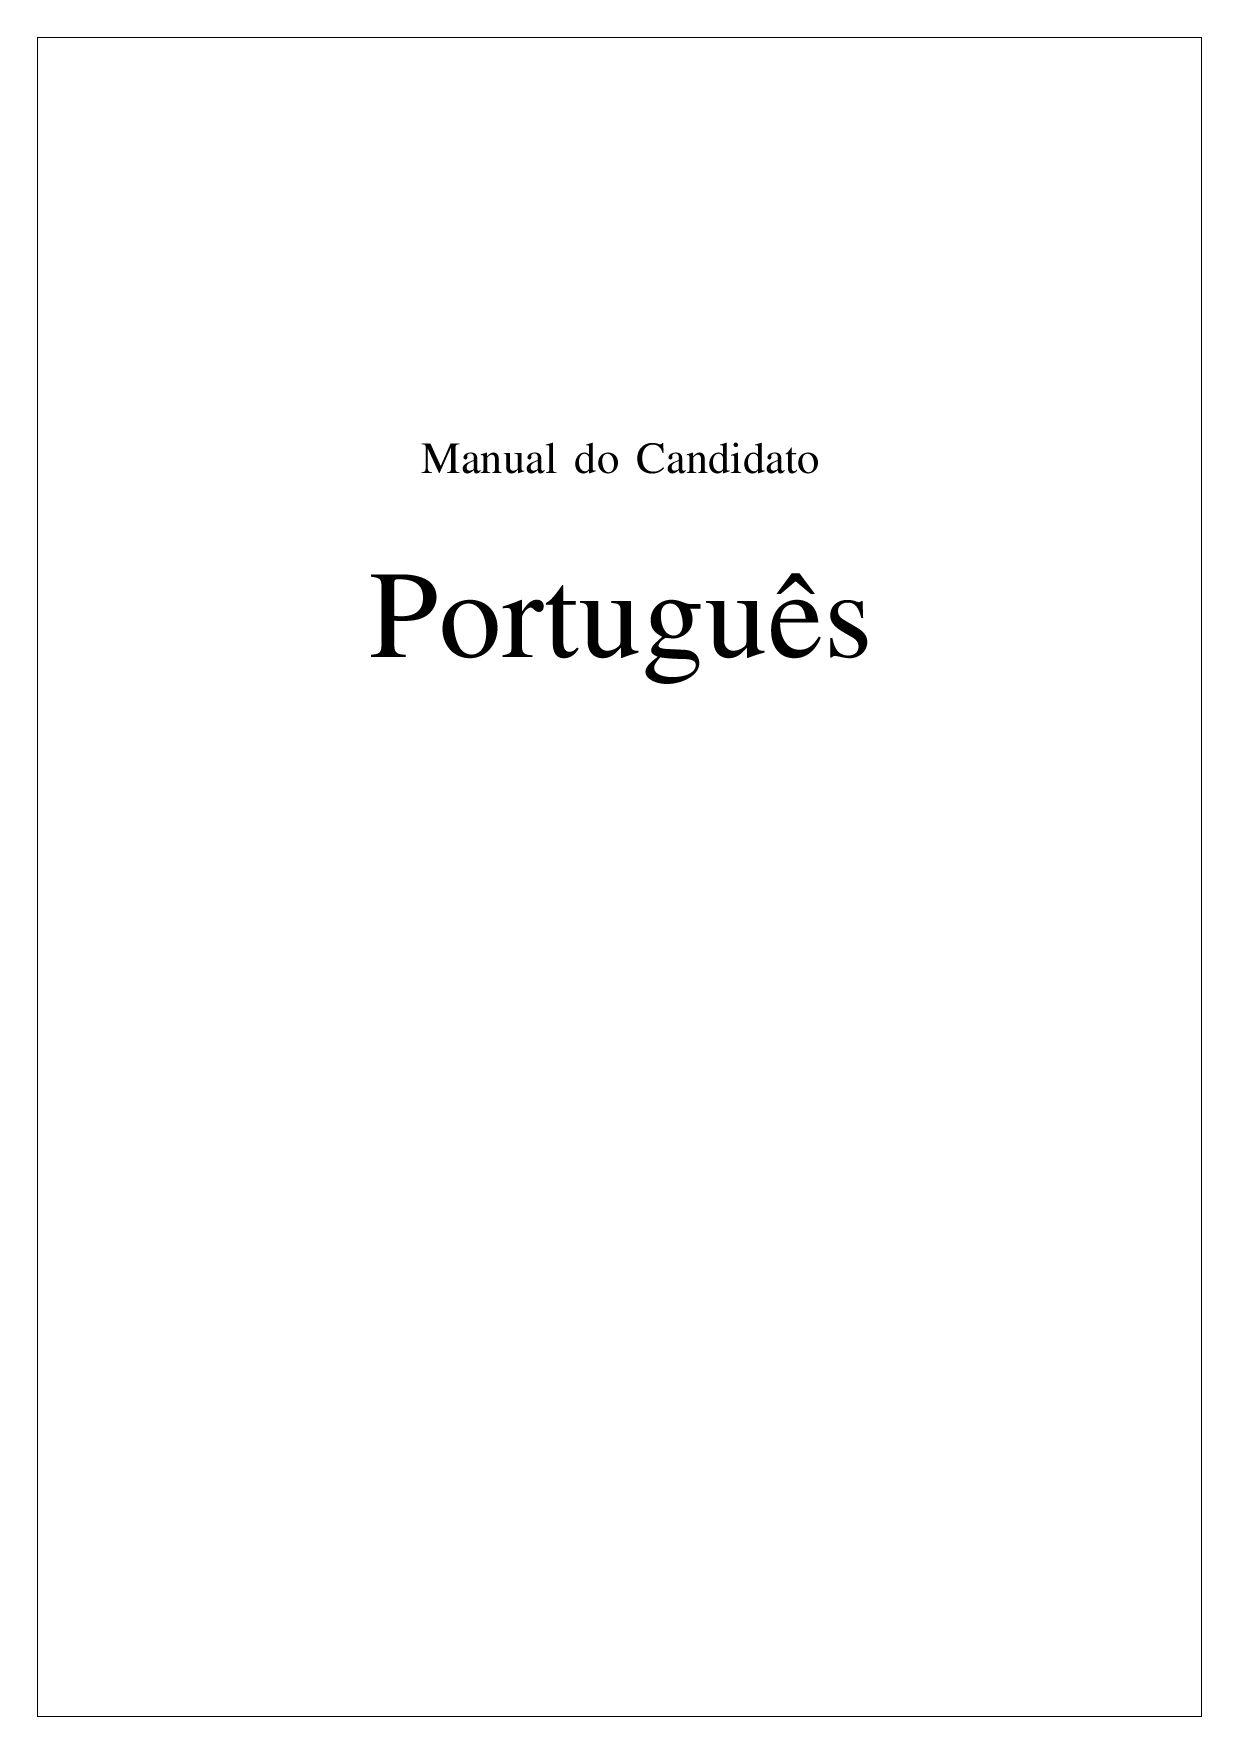 Manual de Português by Fernando Loschiavo Nery - issuu 7f6a17c18e4ef